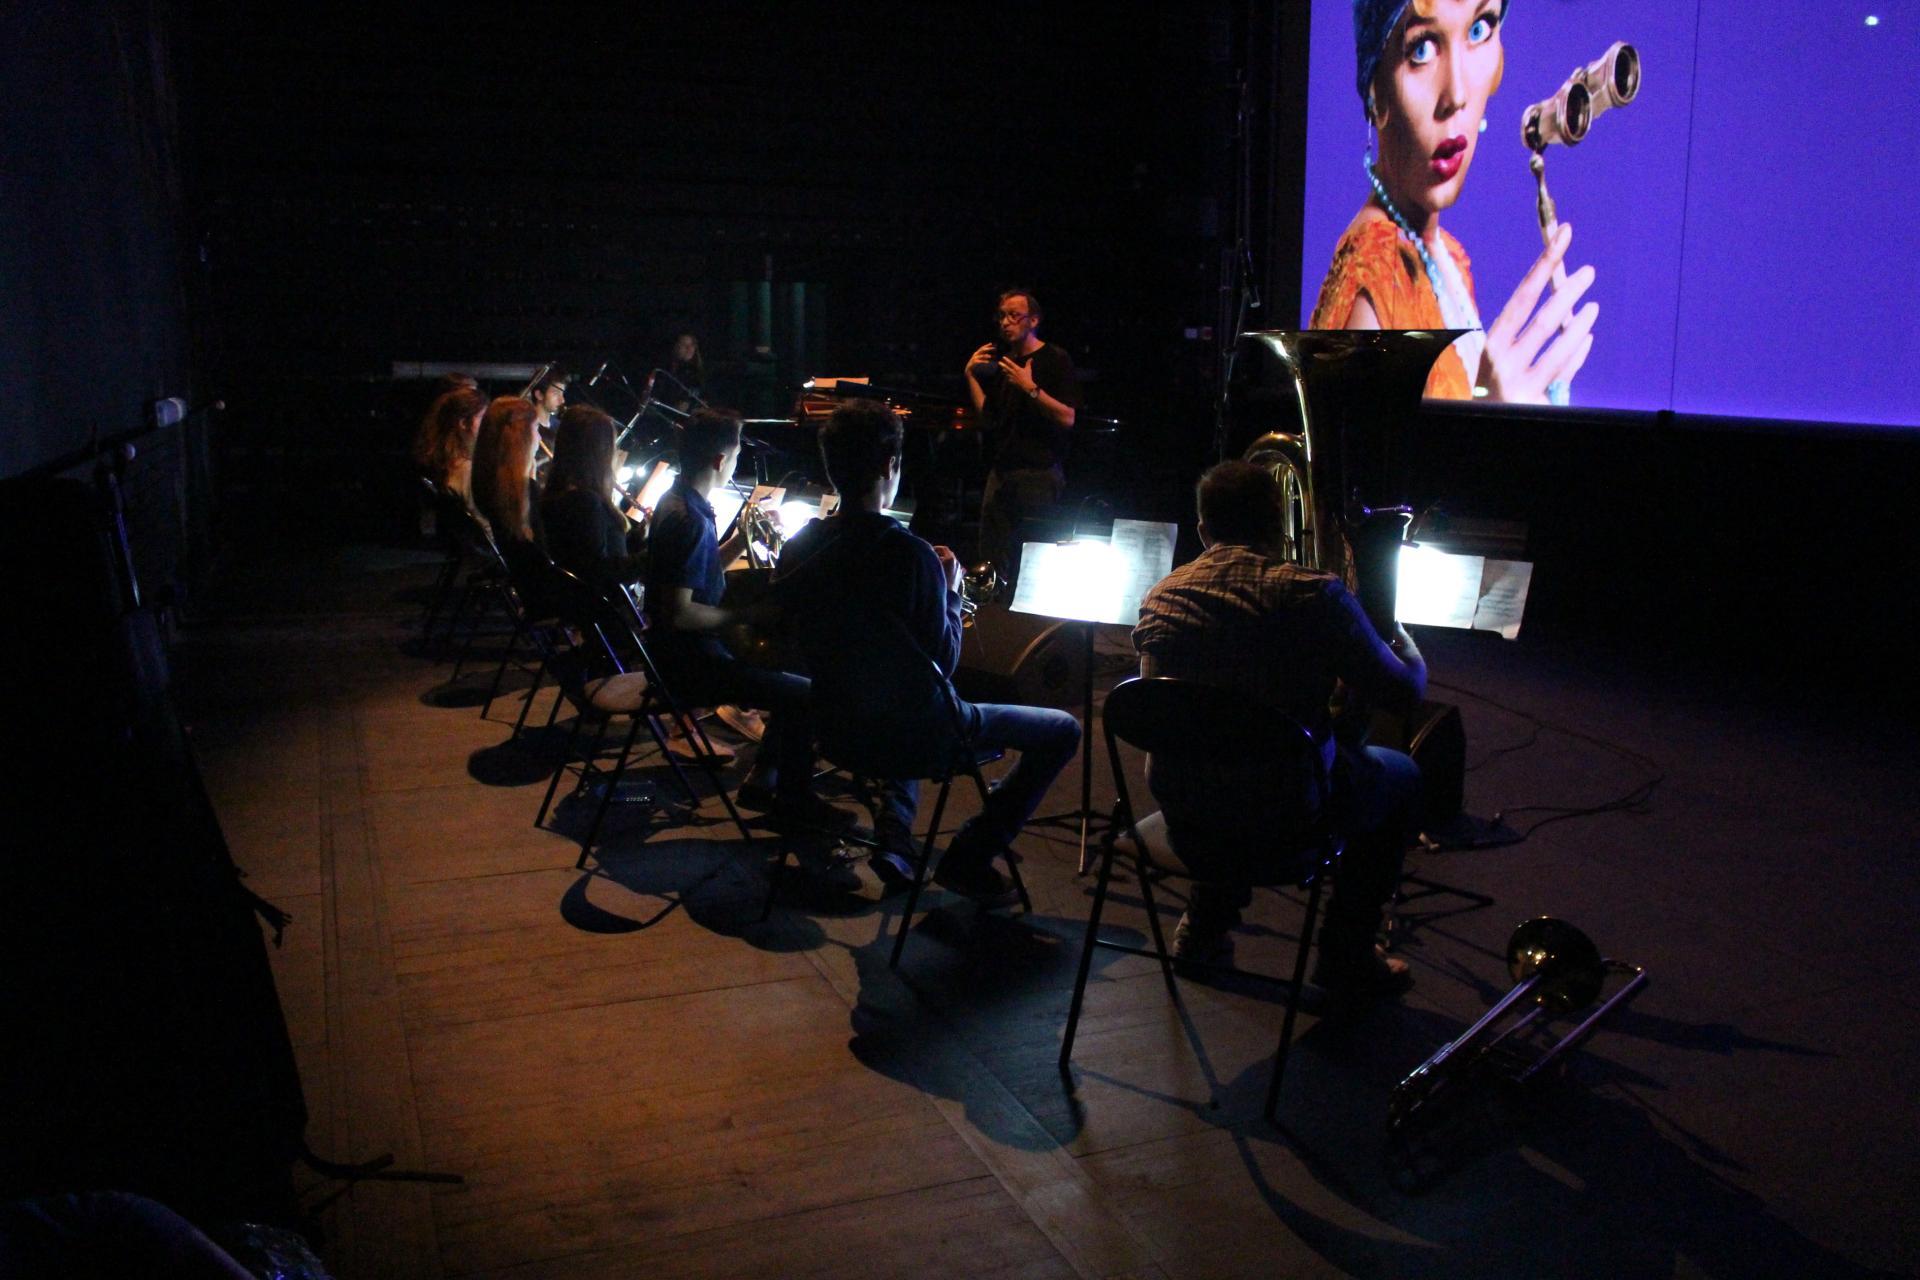 Arras Film Festival 2015